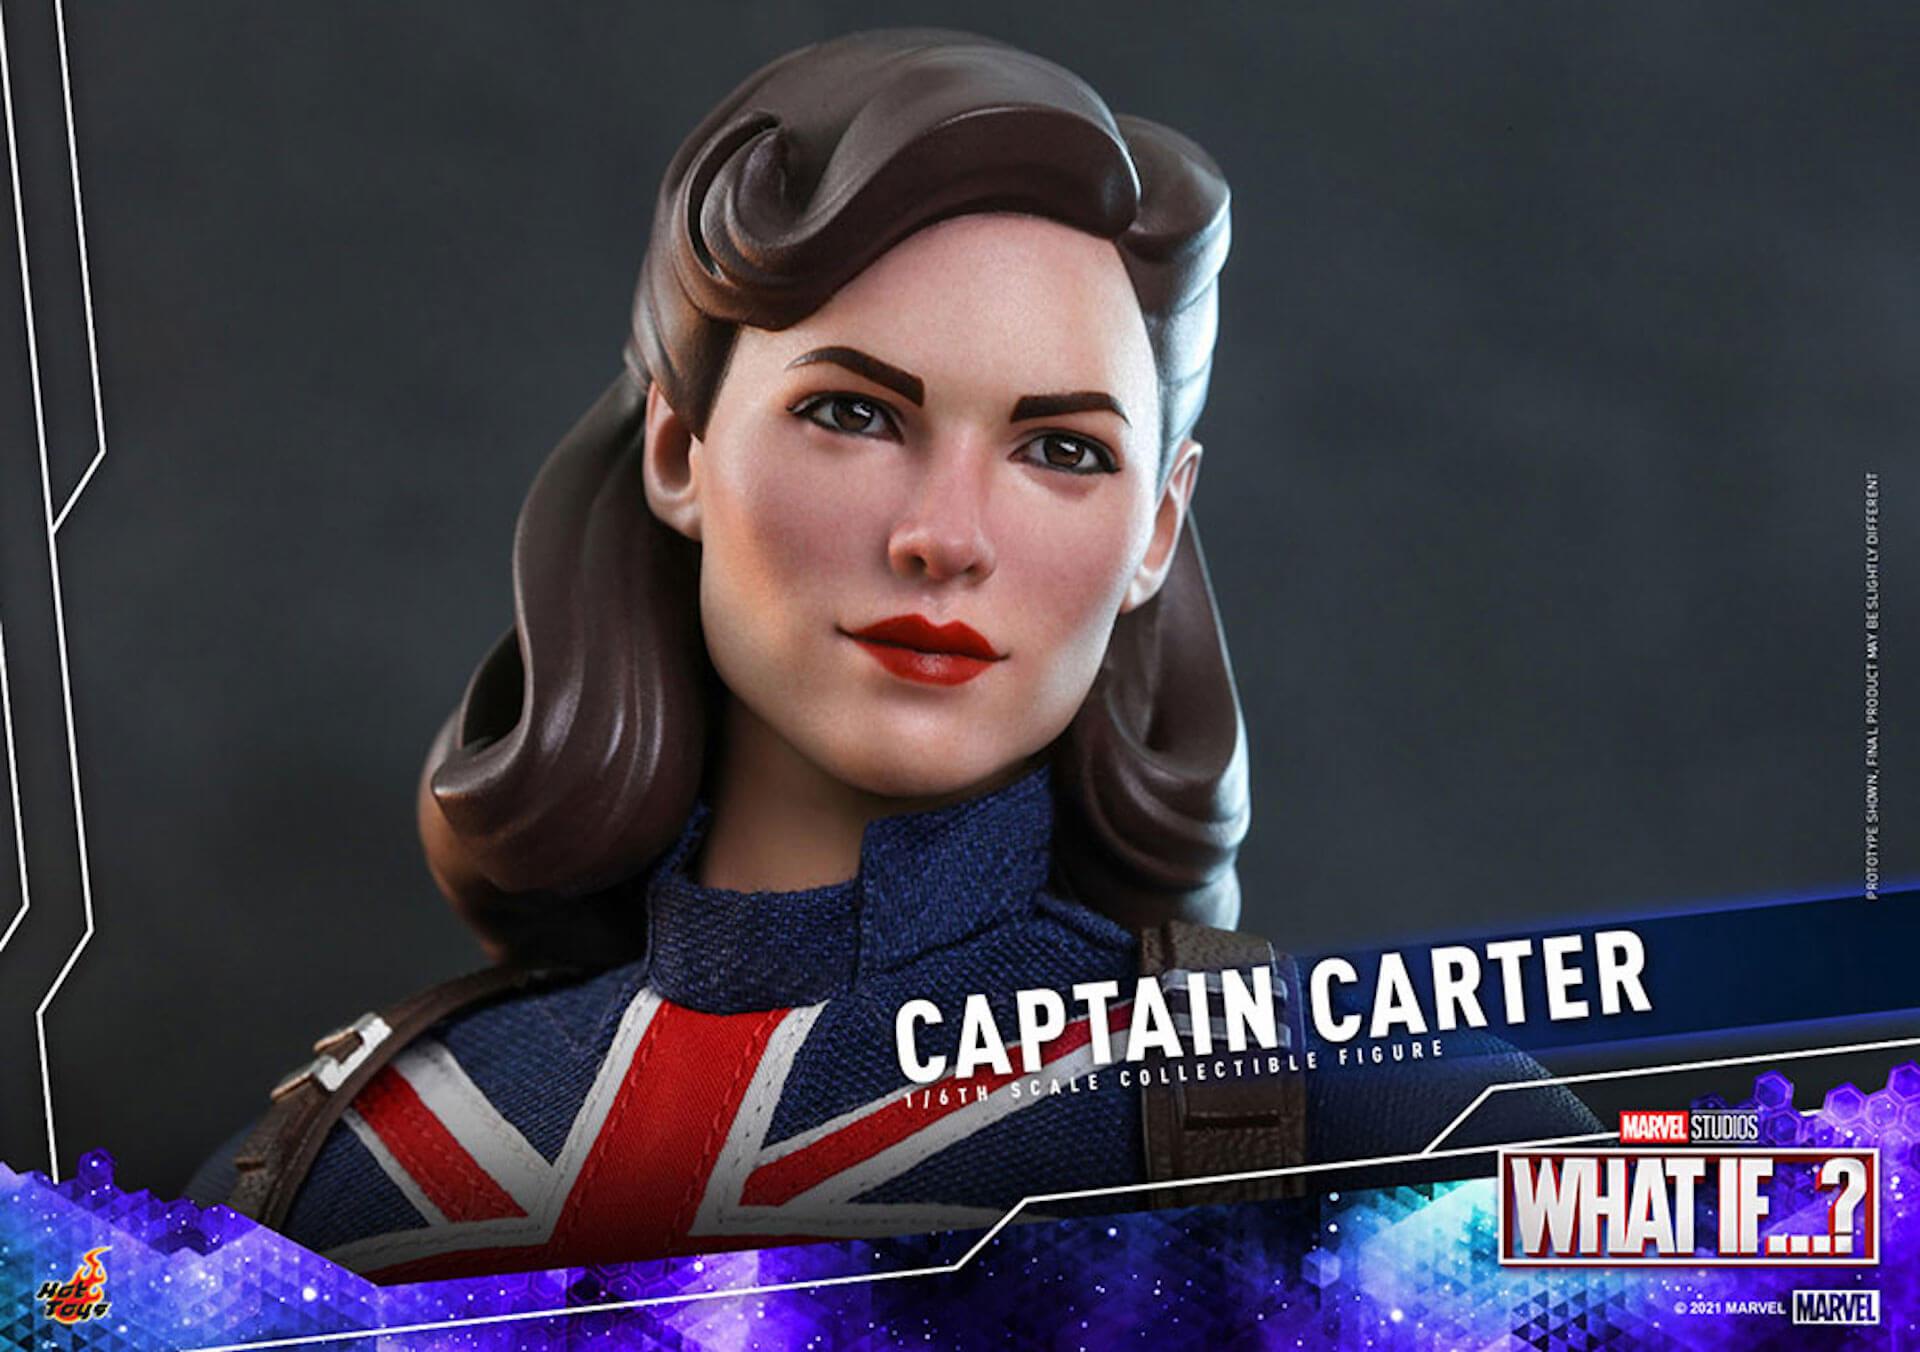 もしもの世界のヒーローがフィギュアに!マーベル・スタジオ『ホワット・イフ...?』のキャプテン・カーターがホットトイズより登場 art210921_captaincarter_hottoys_5